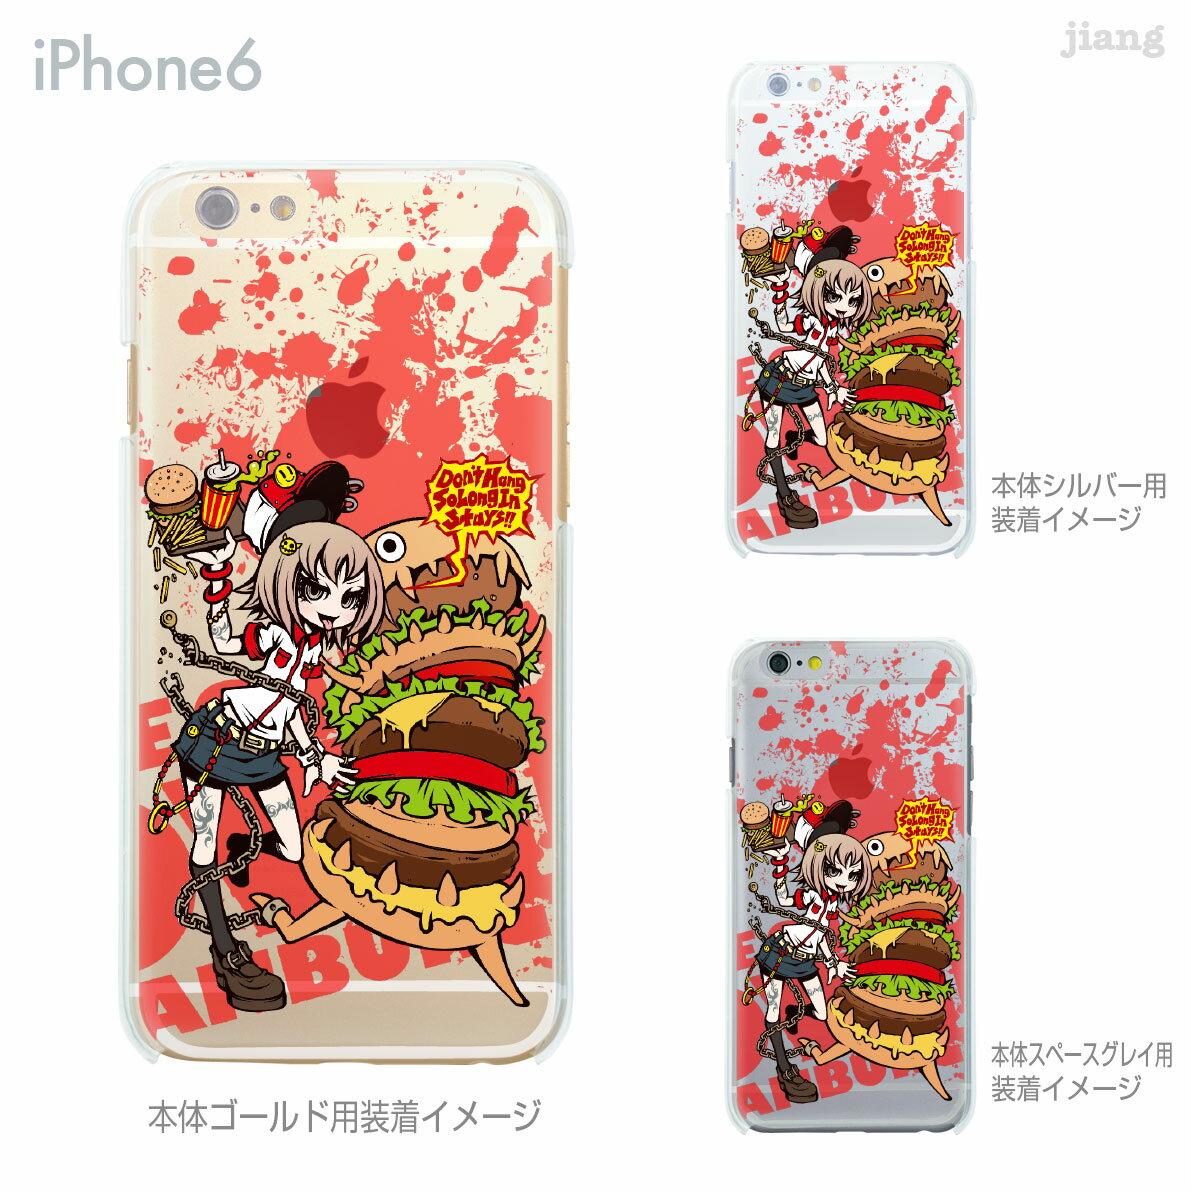 iPhoneX iPhone X ケース iPhone8 iPhone7ケース iPhone7 Plus iPhone6s iPhone6 Plus iphone ハードケース Clear Arts ケース カバー スマホケース クリアケース Project.C.K. BURGER 11-ip6-ca0015-s